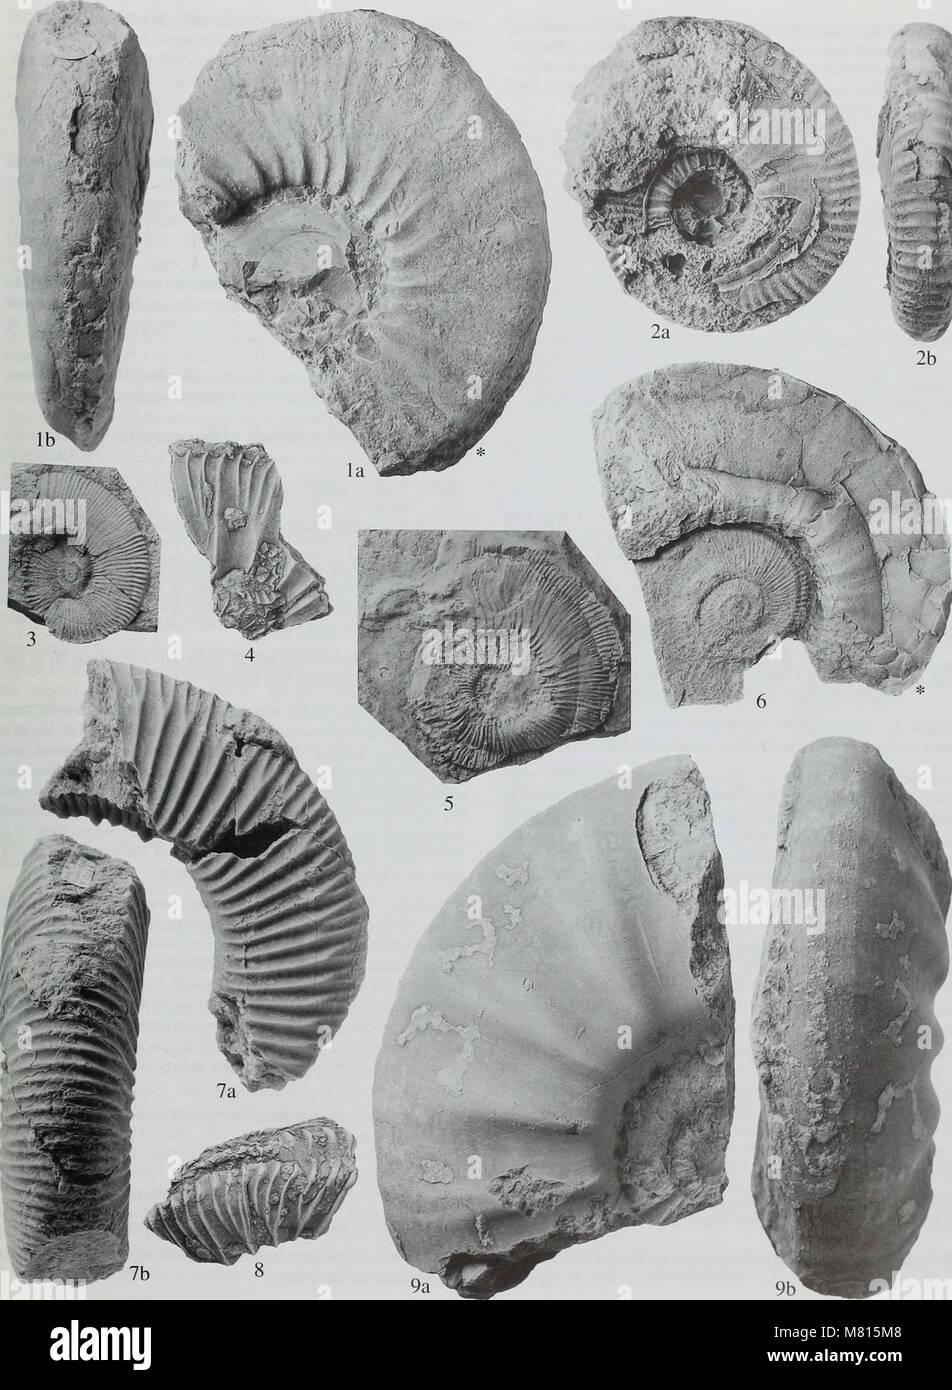 Bulletin der natürlichen Histort Museum. Geologie der Serie (1998) (19873332013) Stockfoto